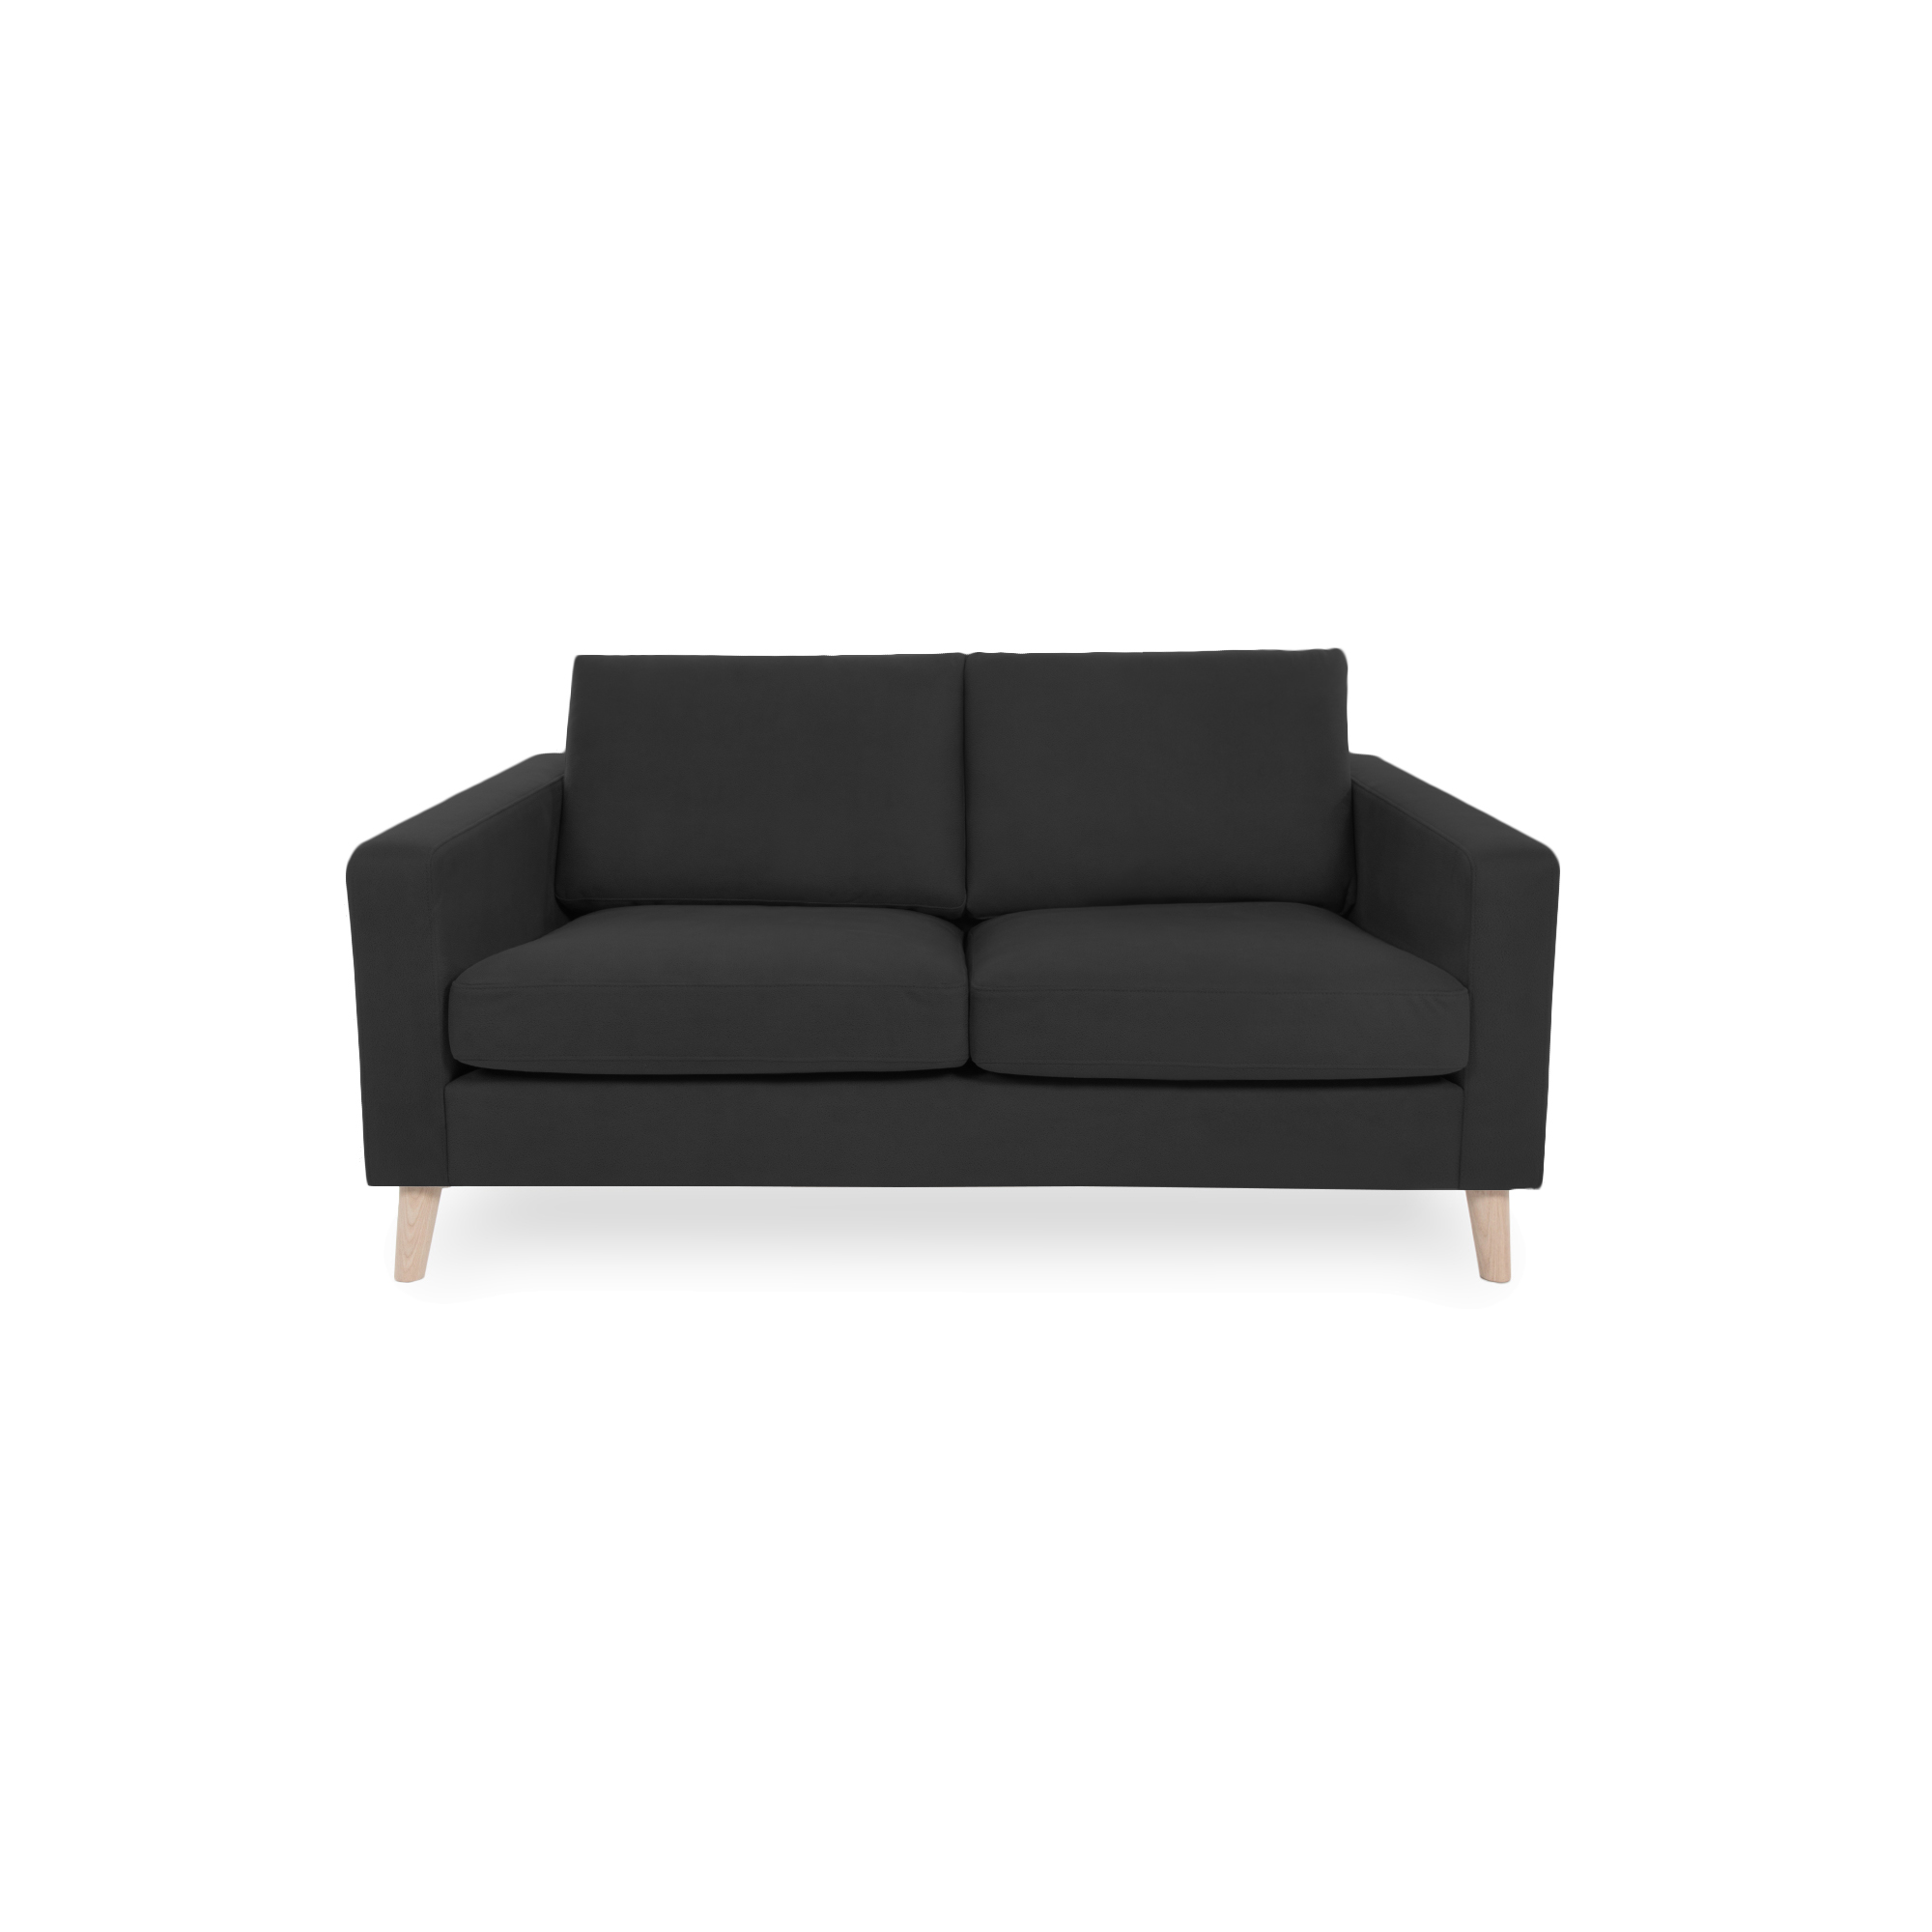 Canapea Fixa 2 locuri Tom Antracit/Natural